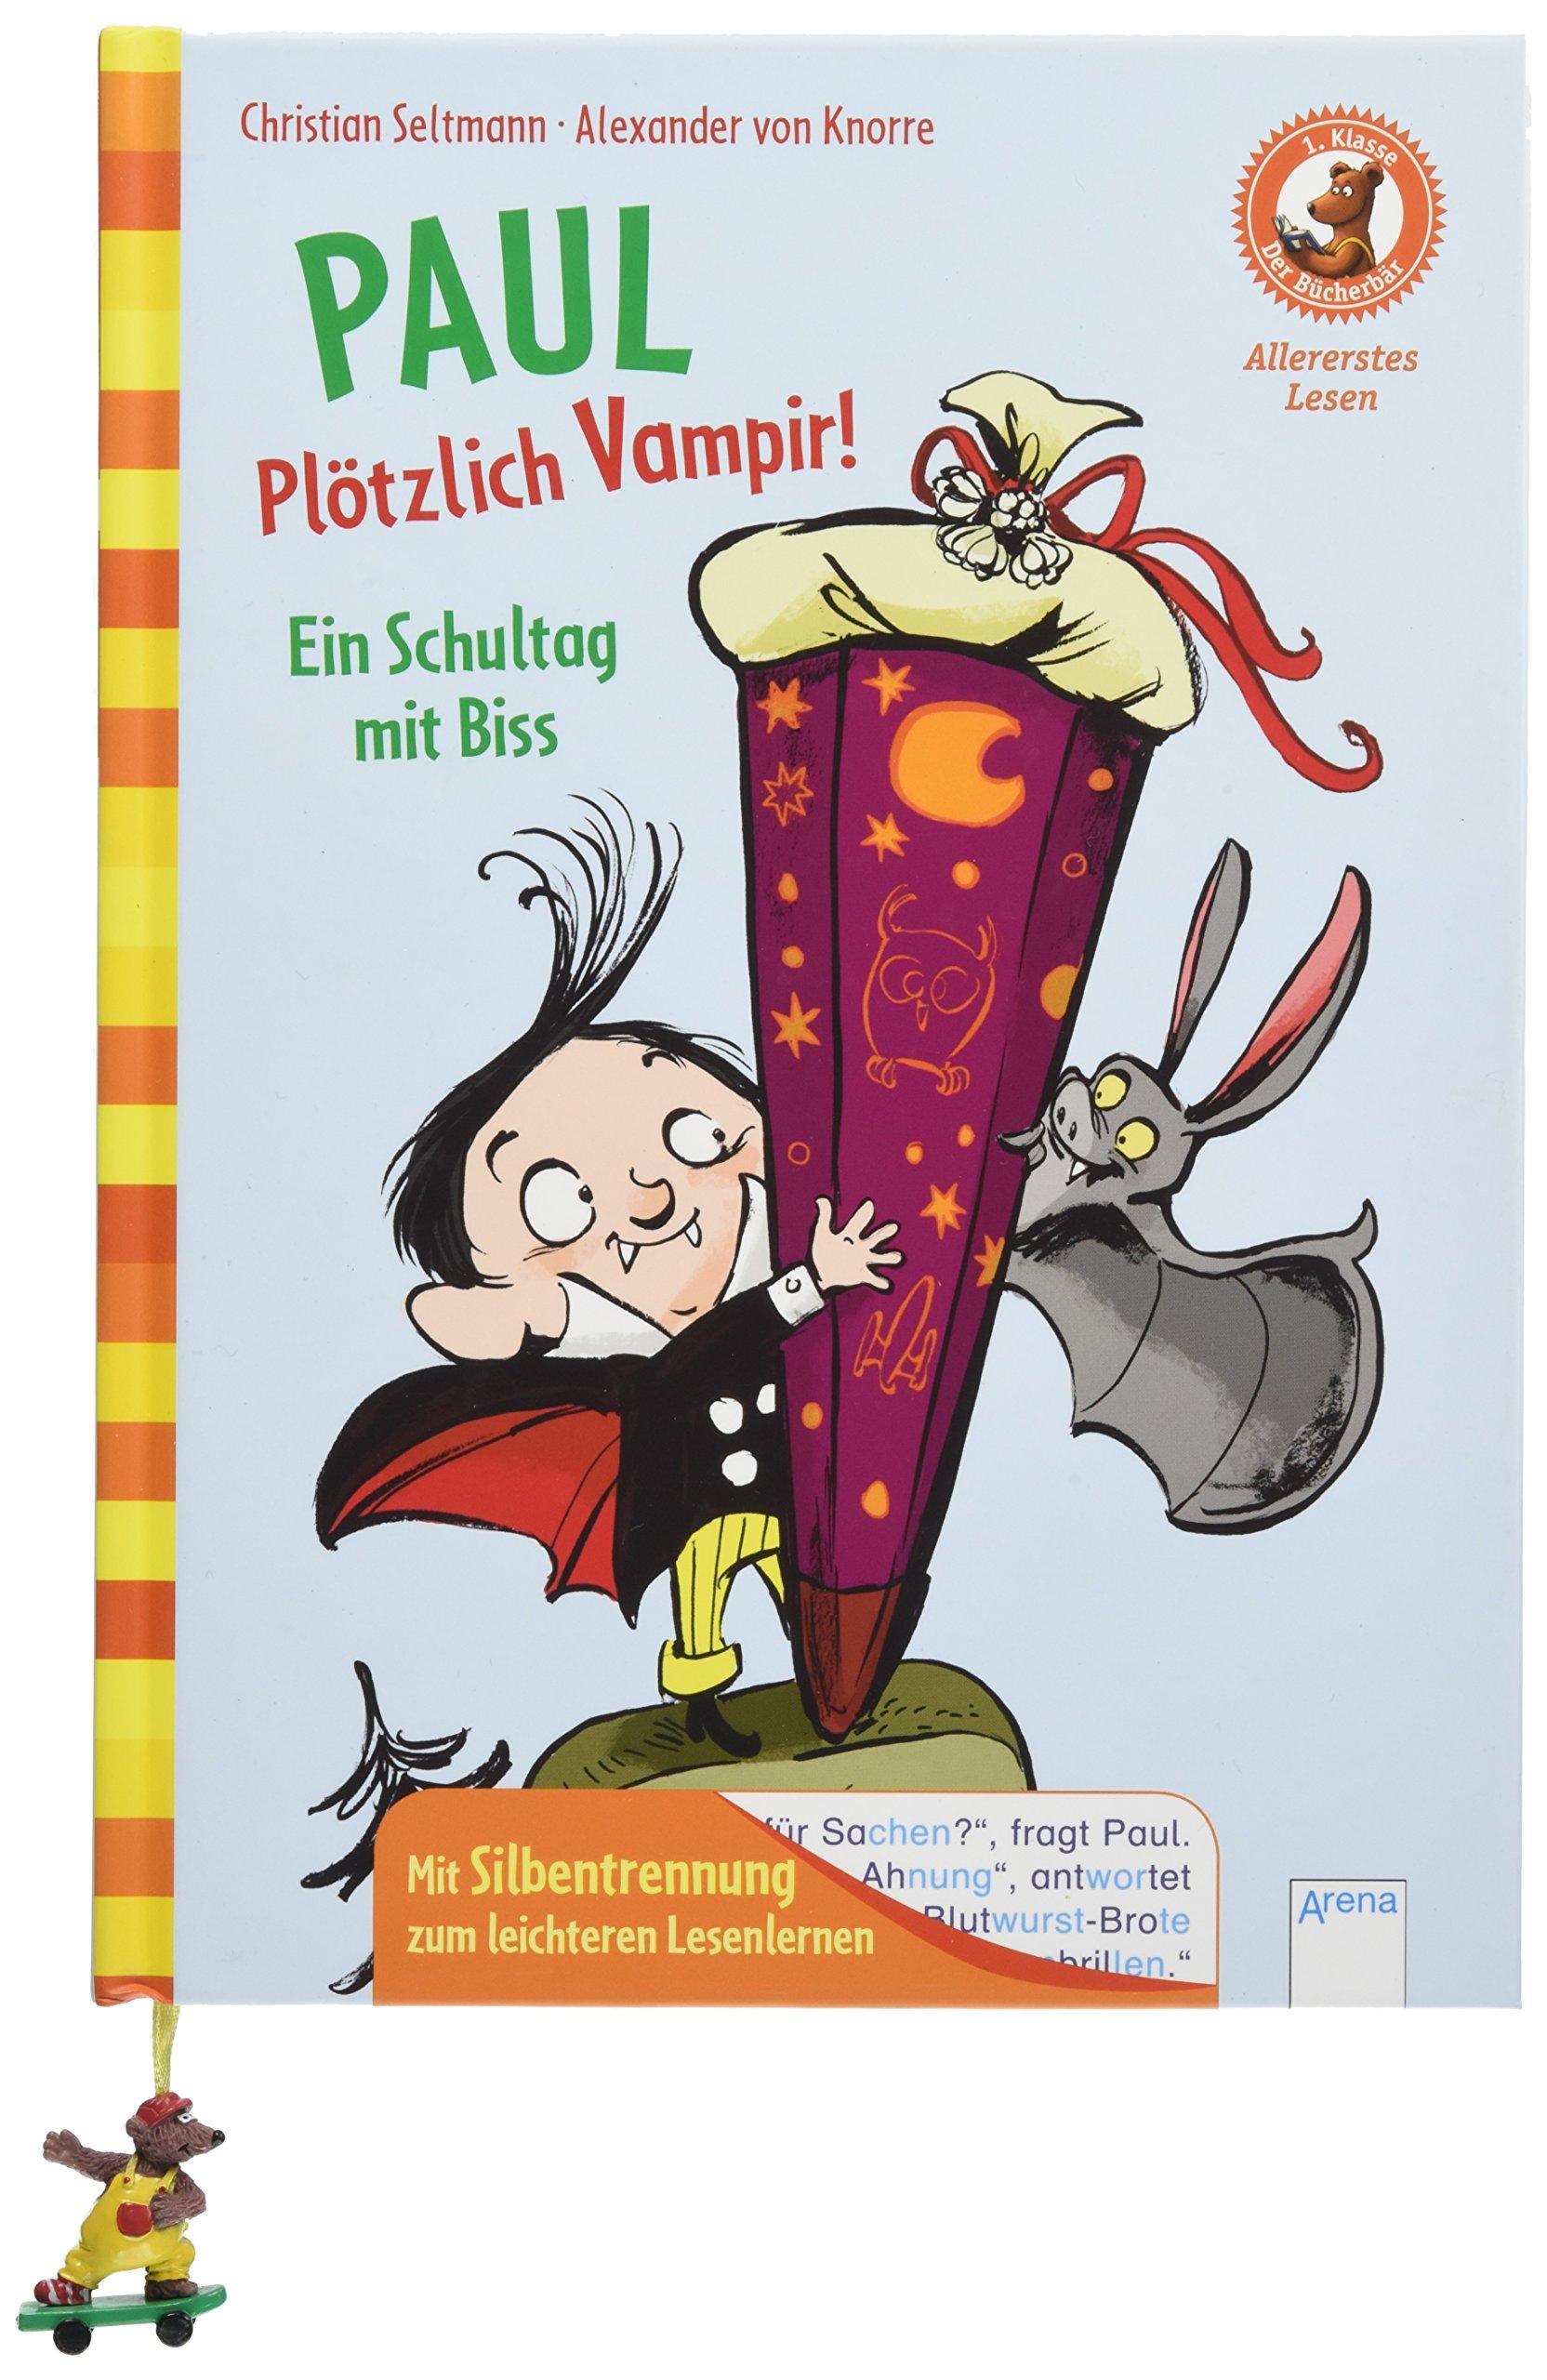 Paul. Plötzlich Vampir! Ein Schultag mit Biss: Der Bücherbär. Allererstes Lesen. 1. Klasse. Mit Silbentrennung zum leichteren Lesenlernen: